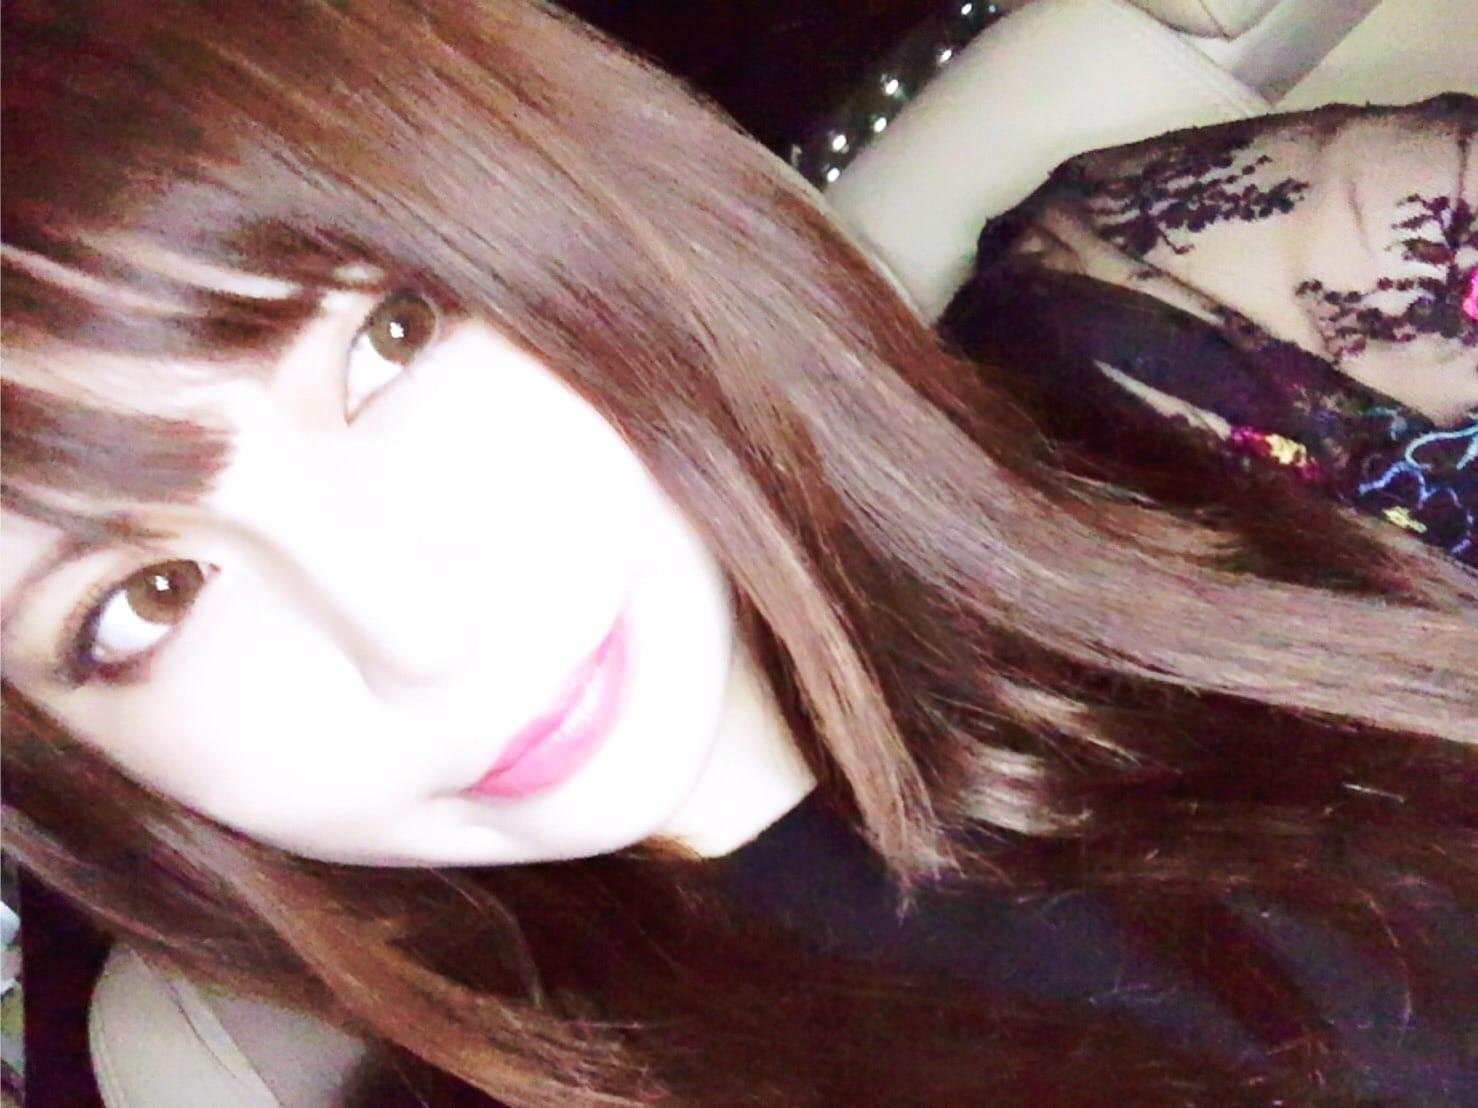 「ありがとう」09/26(火) 01:01   ゆずの写メ・風俗動画